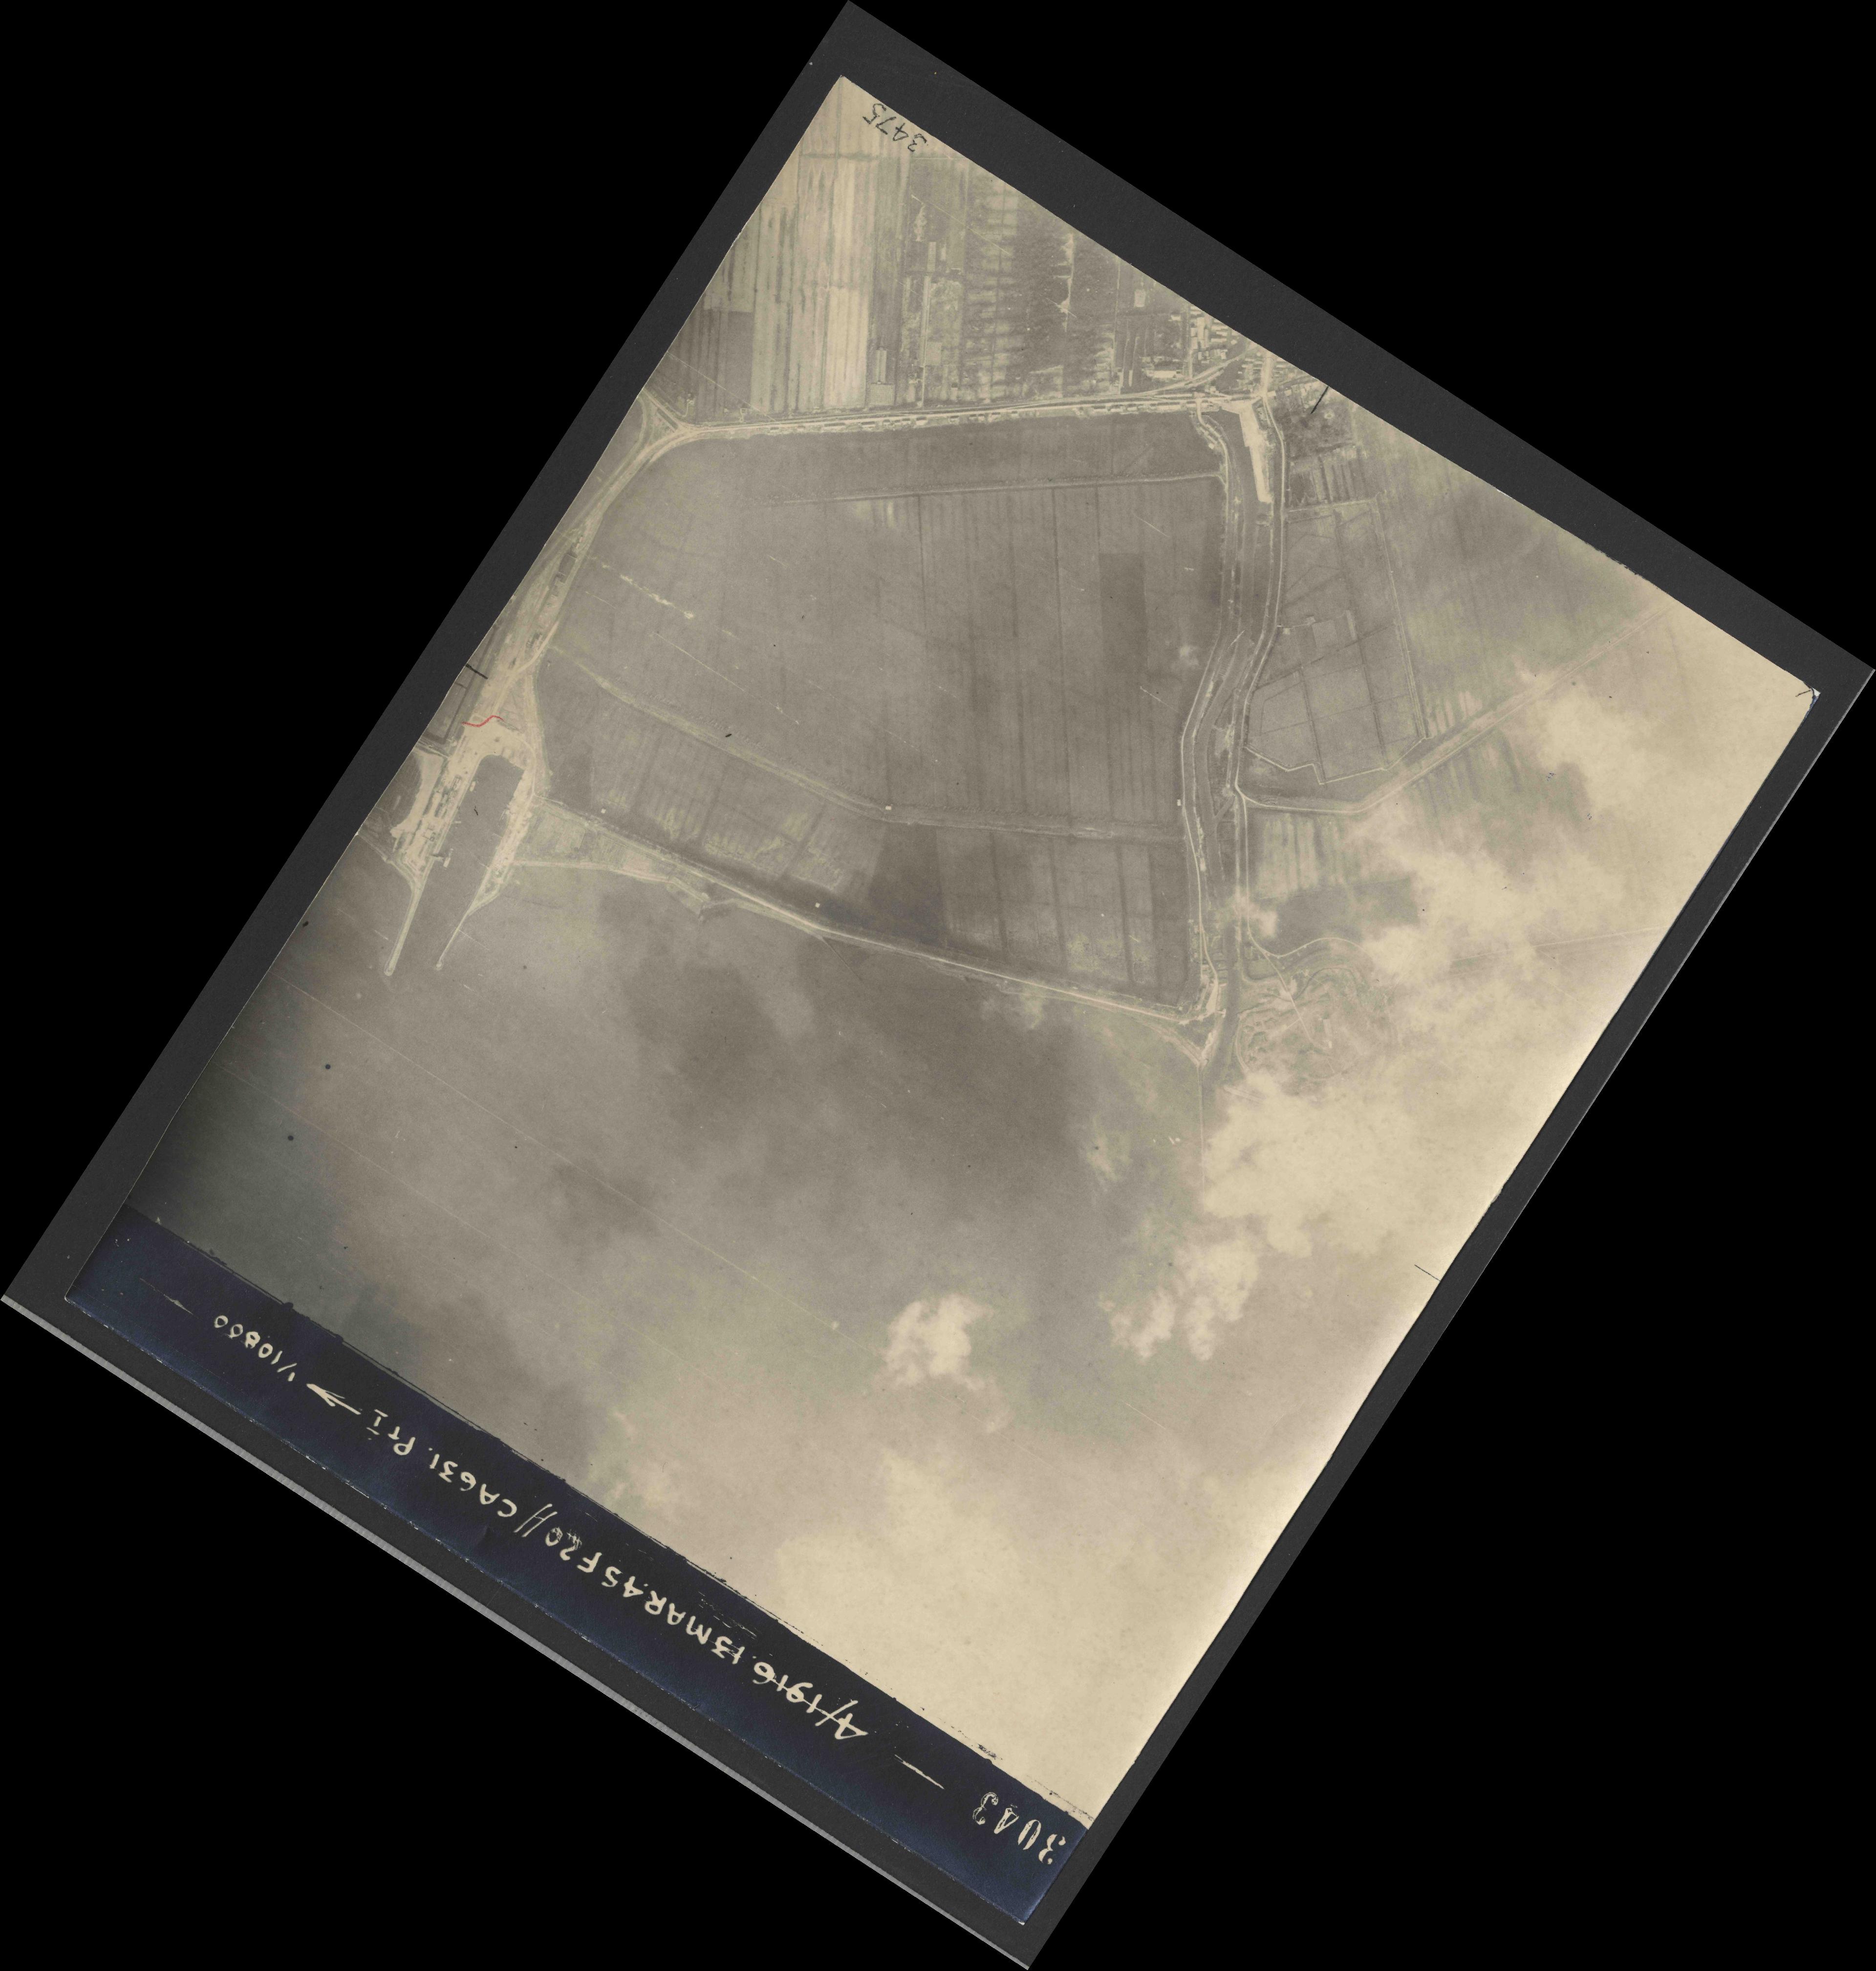 Collection RAF aerial photos 1940-1945 - flight 085, run 05, photo 3043